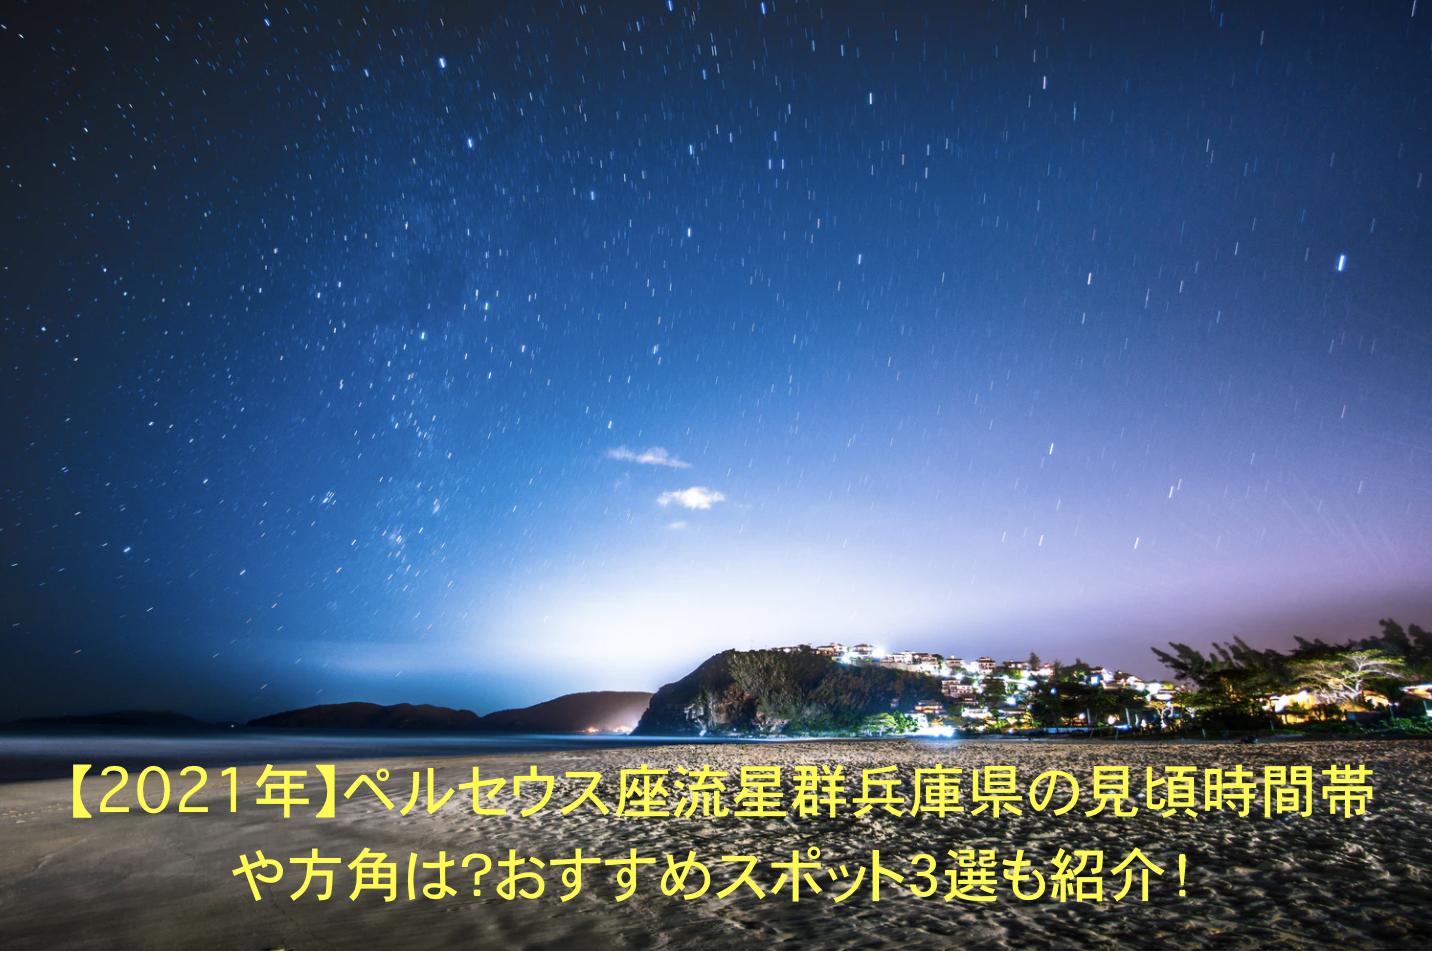 ペルセウス座流星群 兵庫 見頃 時間帯 方角 おすすめスポット